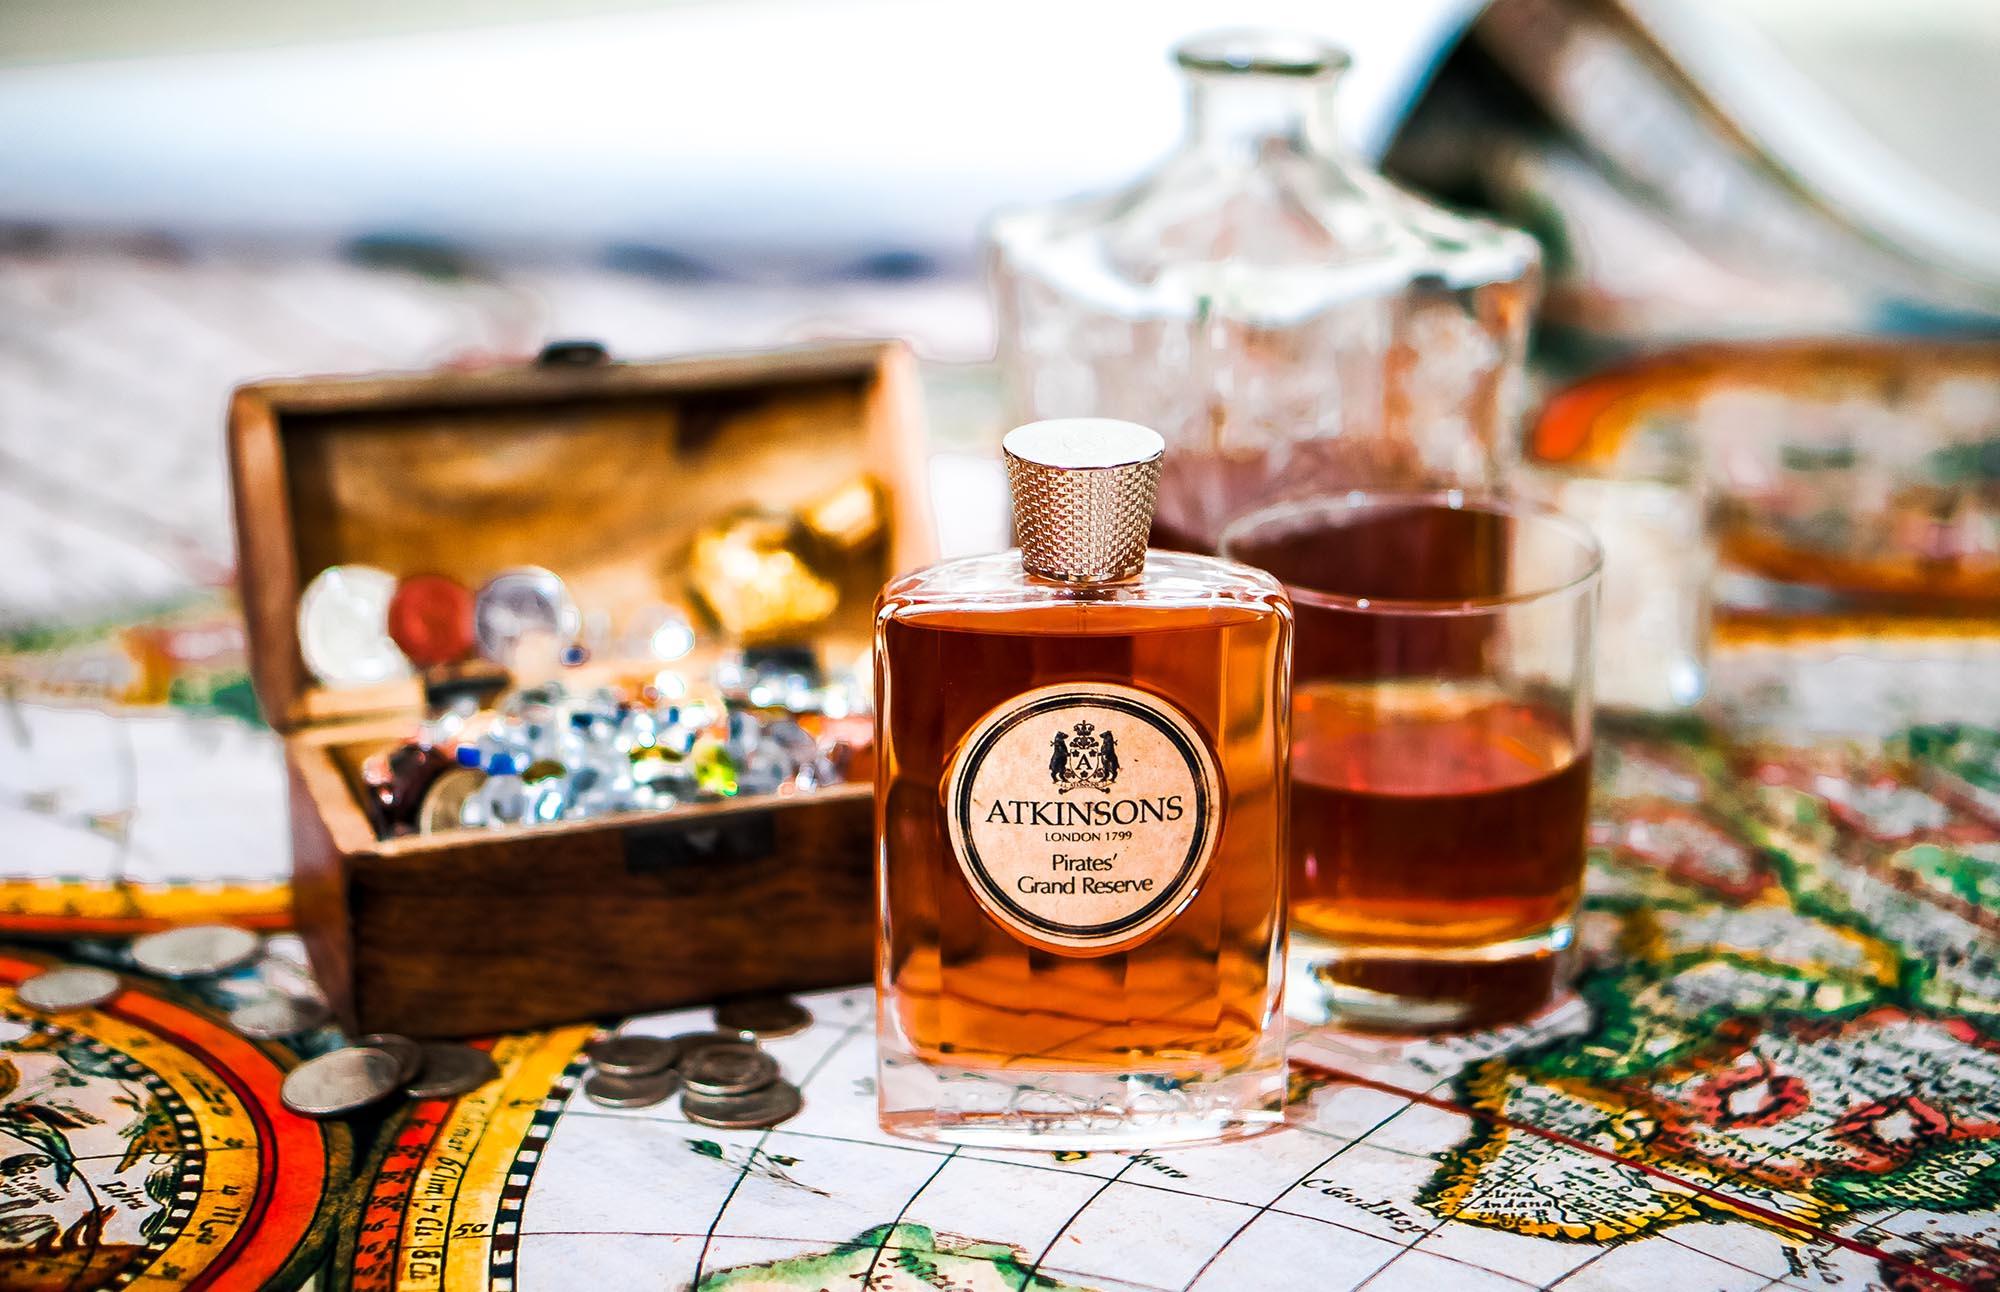 Atkinsons Pirates Grand Reserve Perfume Niche Parfüm парфюм Nischenparfüm